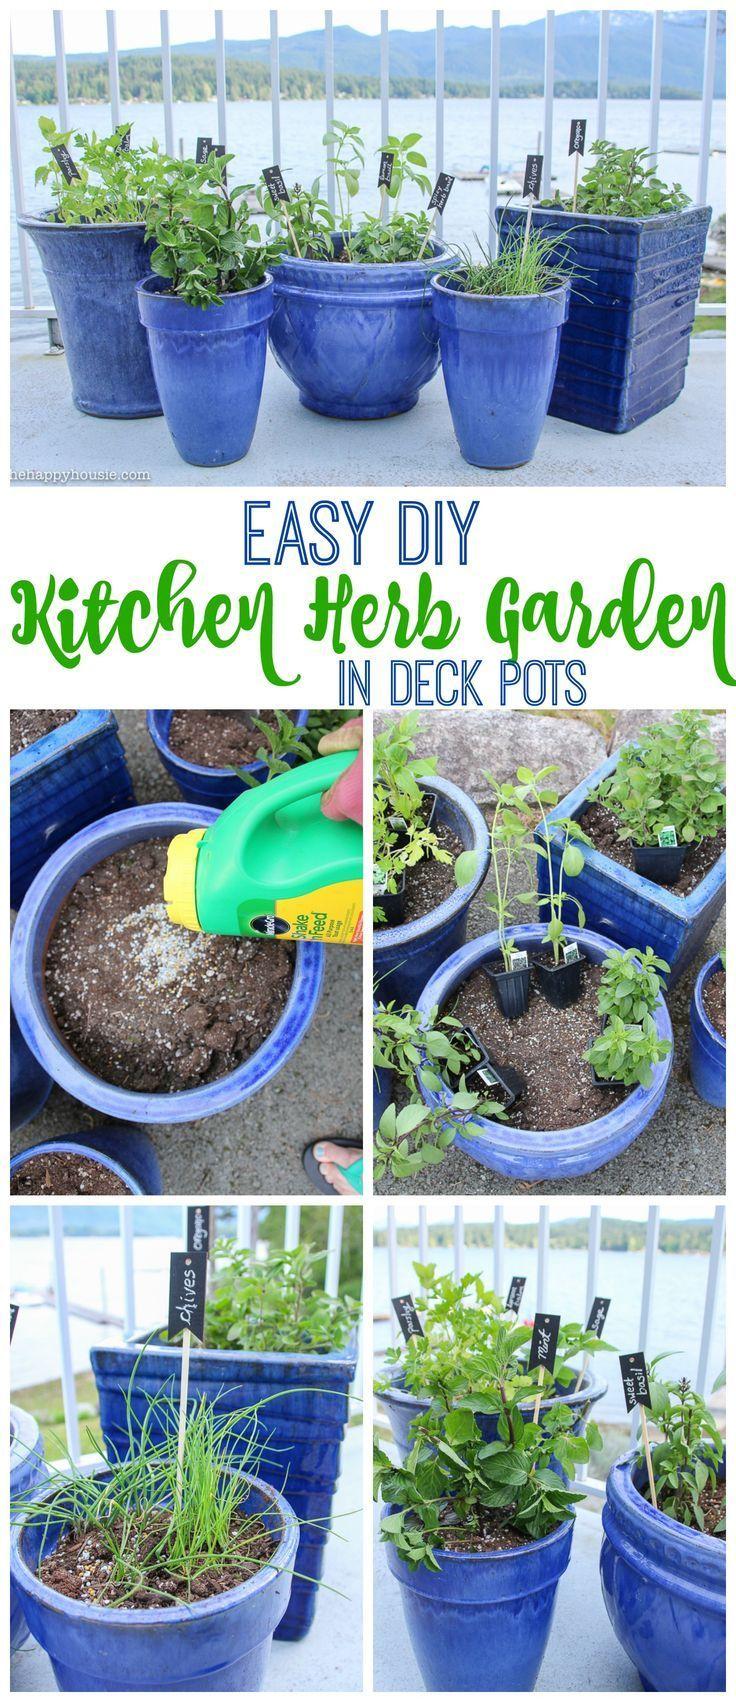 Easy DIY Kitchen Herb Garden in Deck Pots | Kitchen herb gardens ...